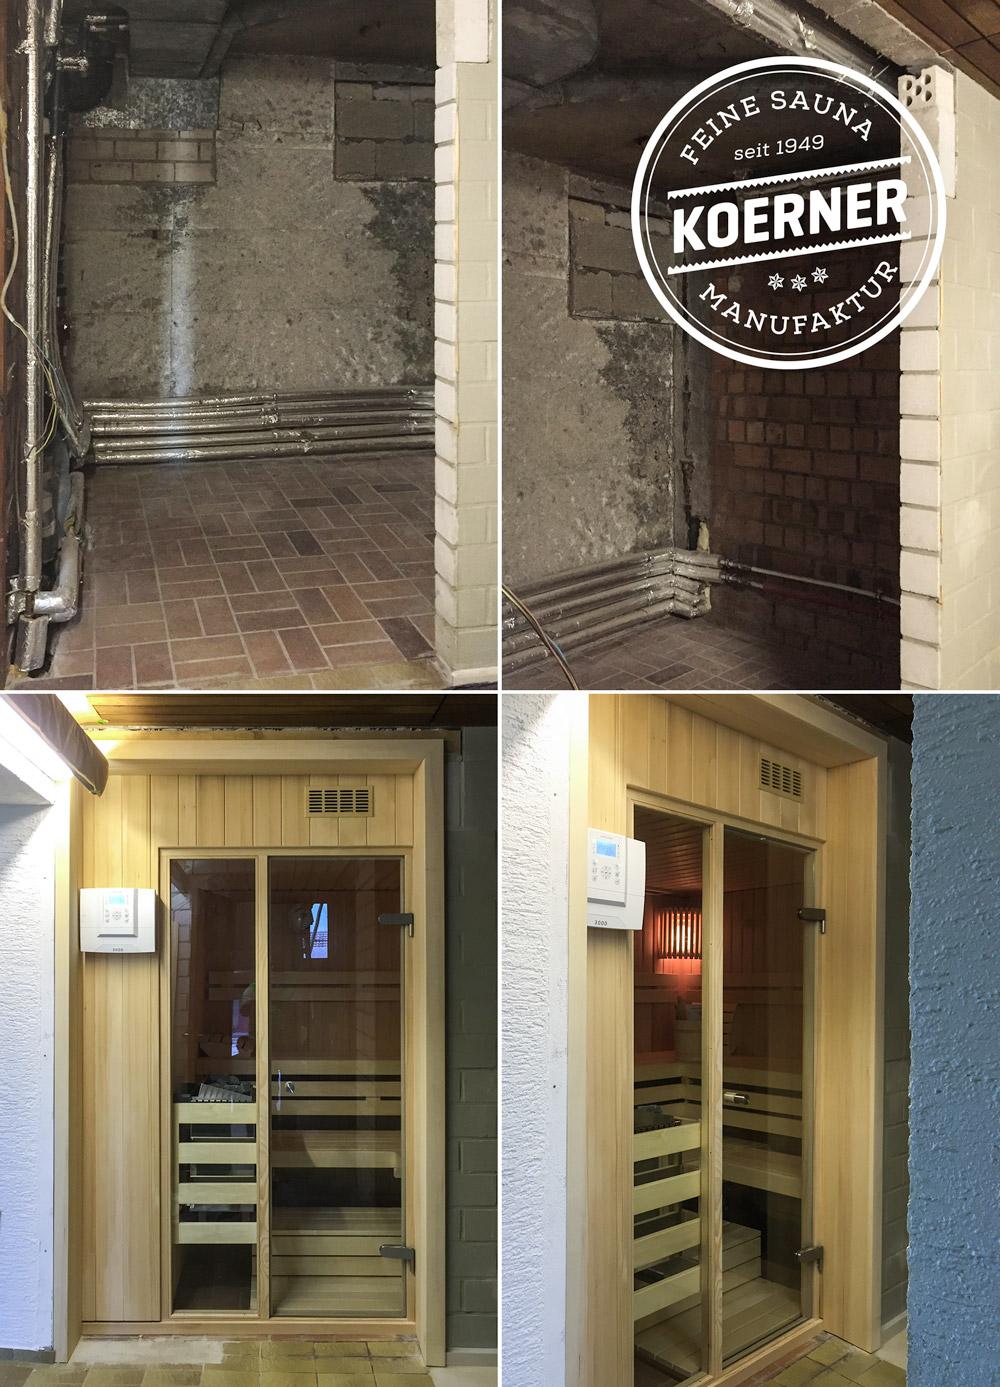 KOERNER Sauna im Keller